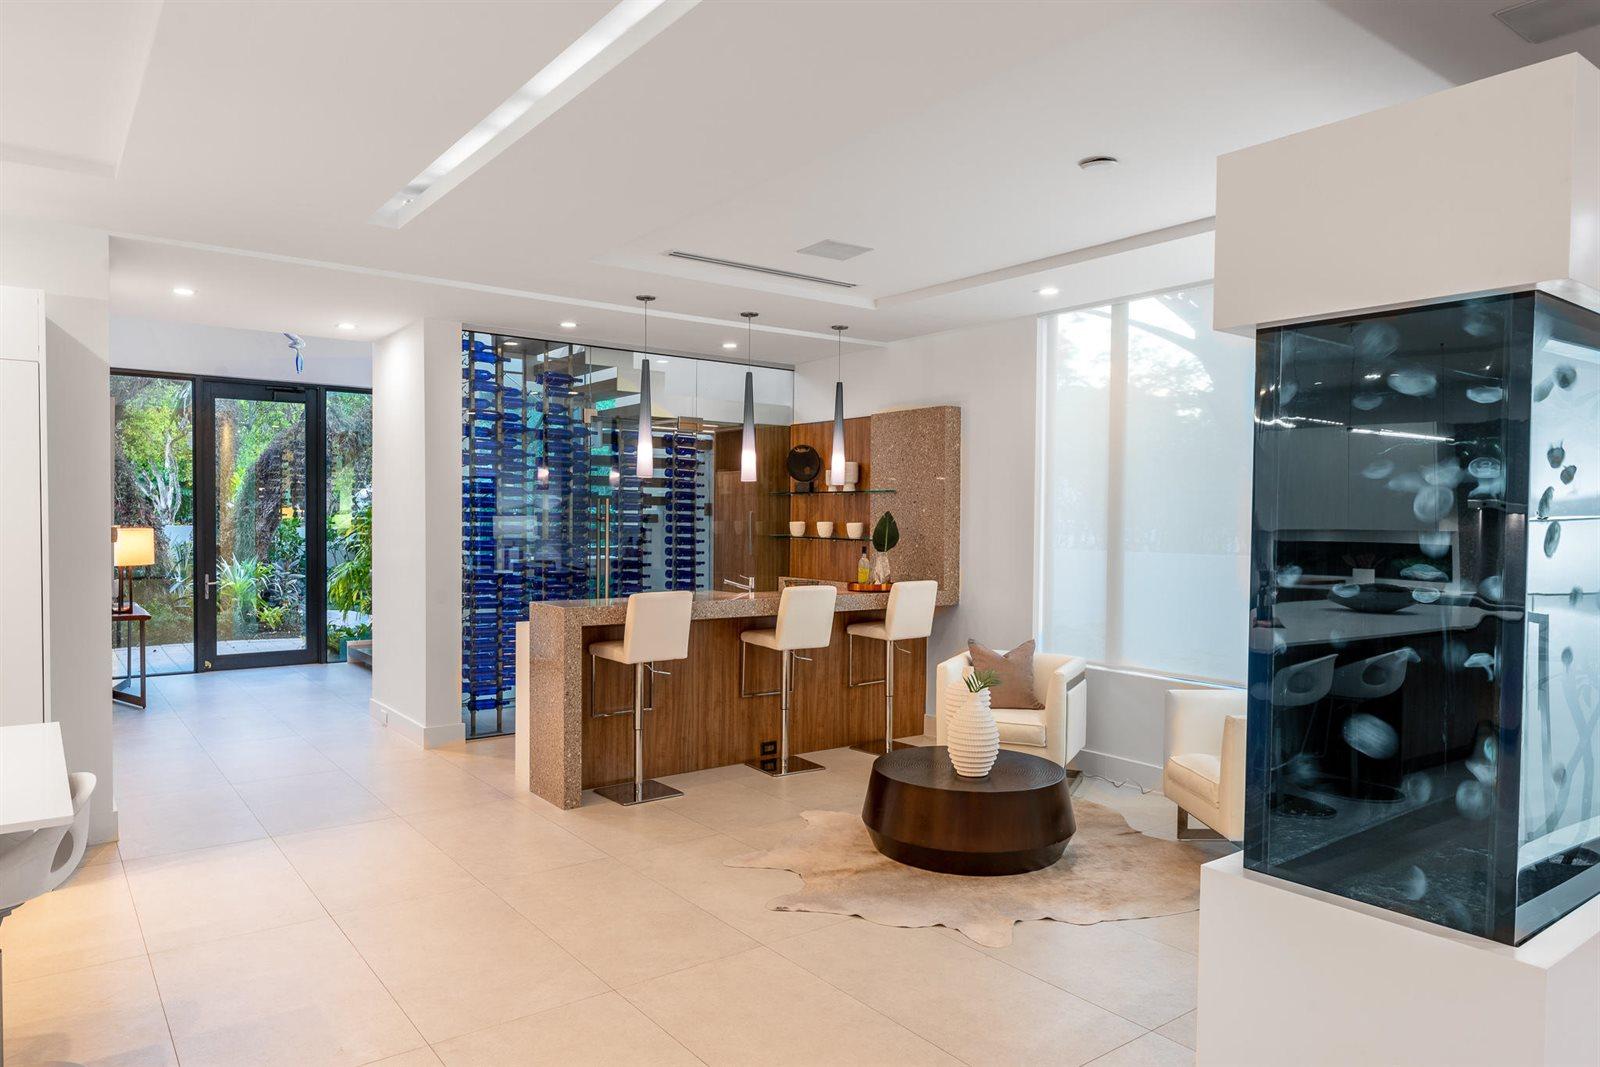 310 SE 11 Avenue, Fort Lauderdale, FL 33301